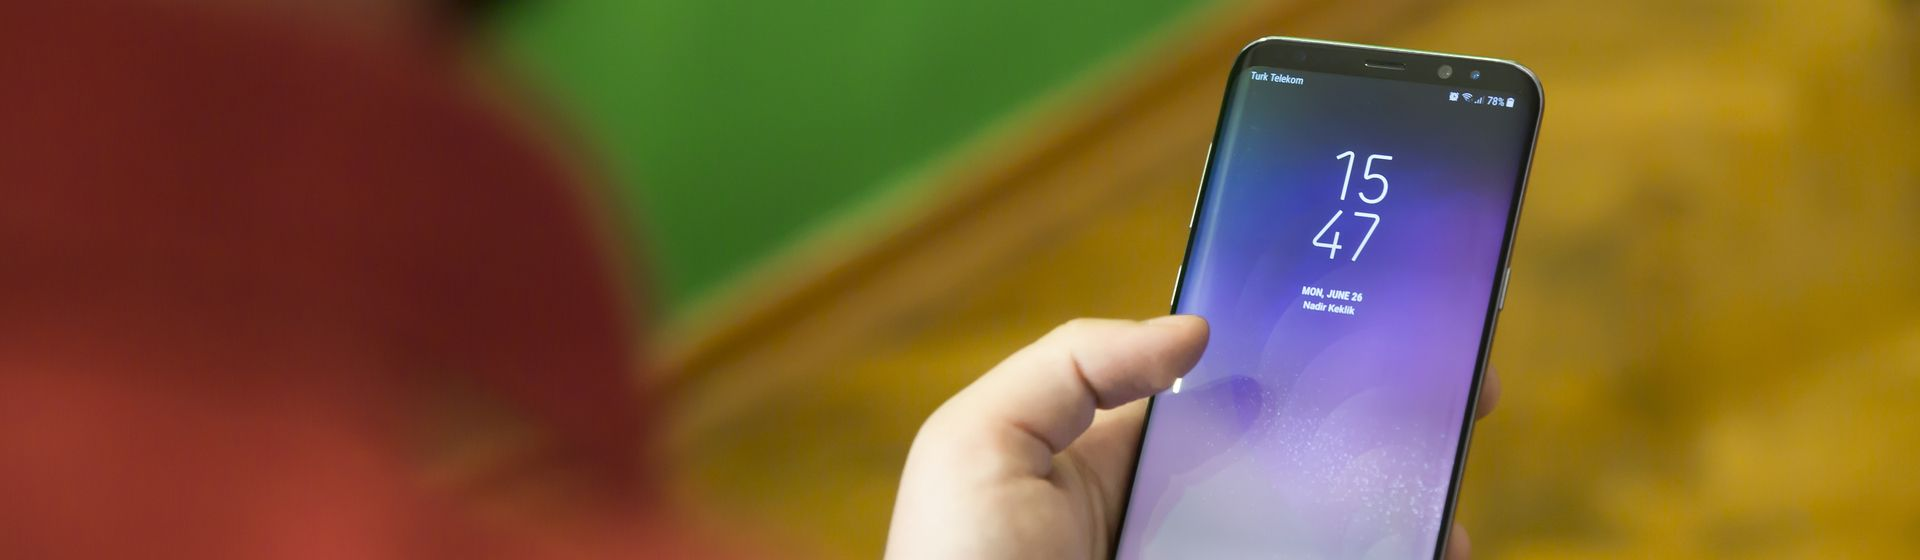 Como resetar Samsung? Veja as melhores alternativas